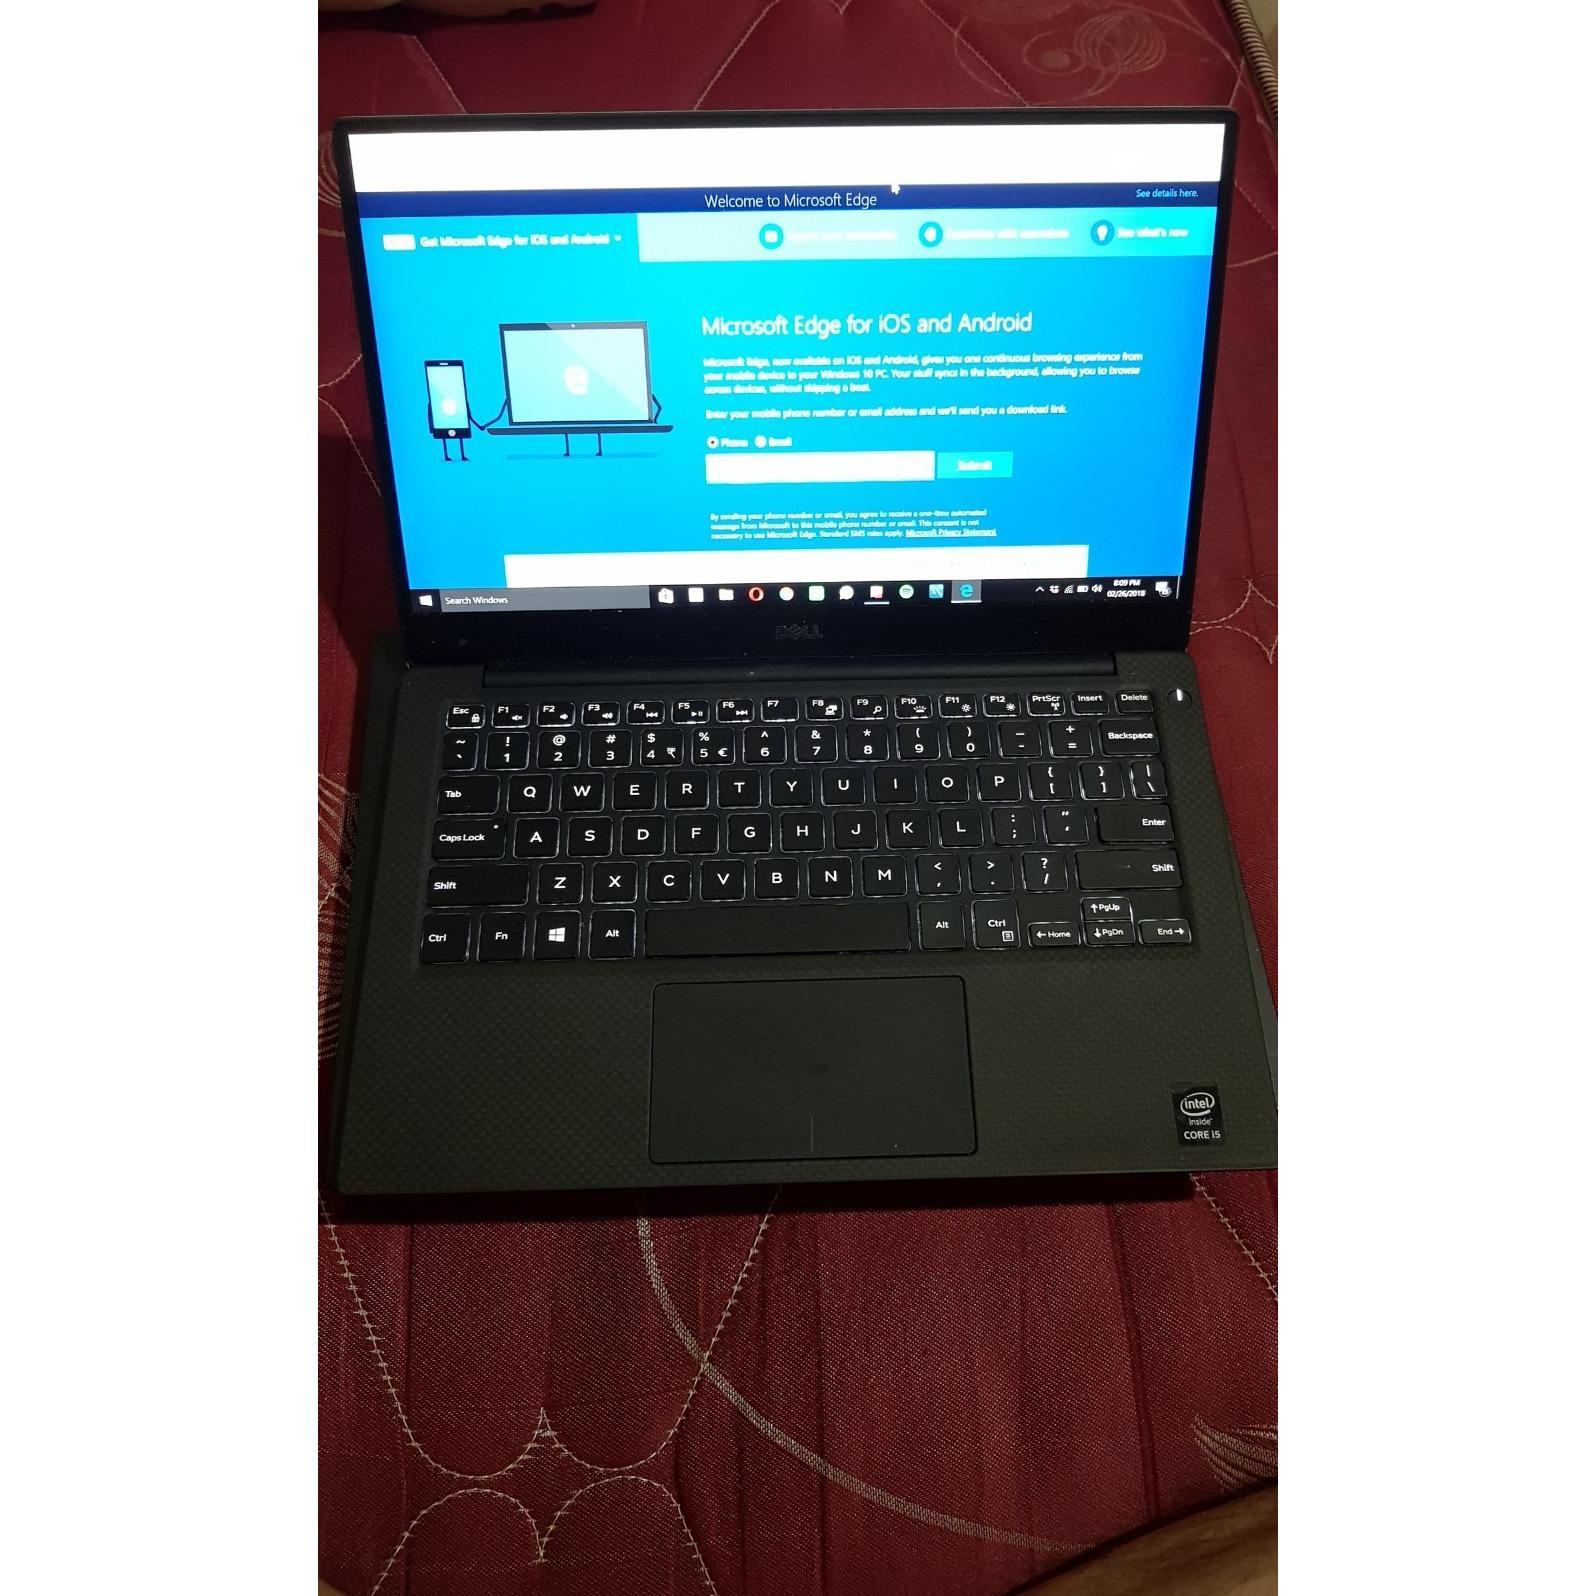 Dell XPS 13 i5-5200u FullHD RAM 8GB SSD 256GB